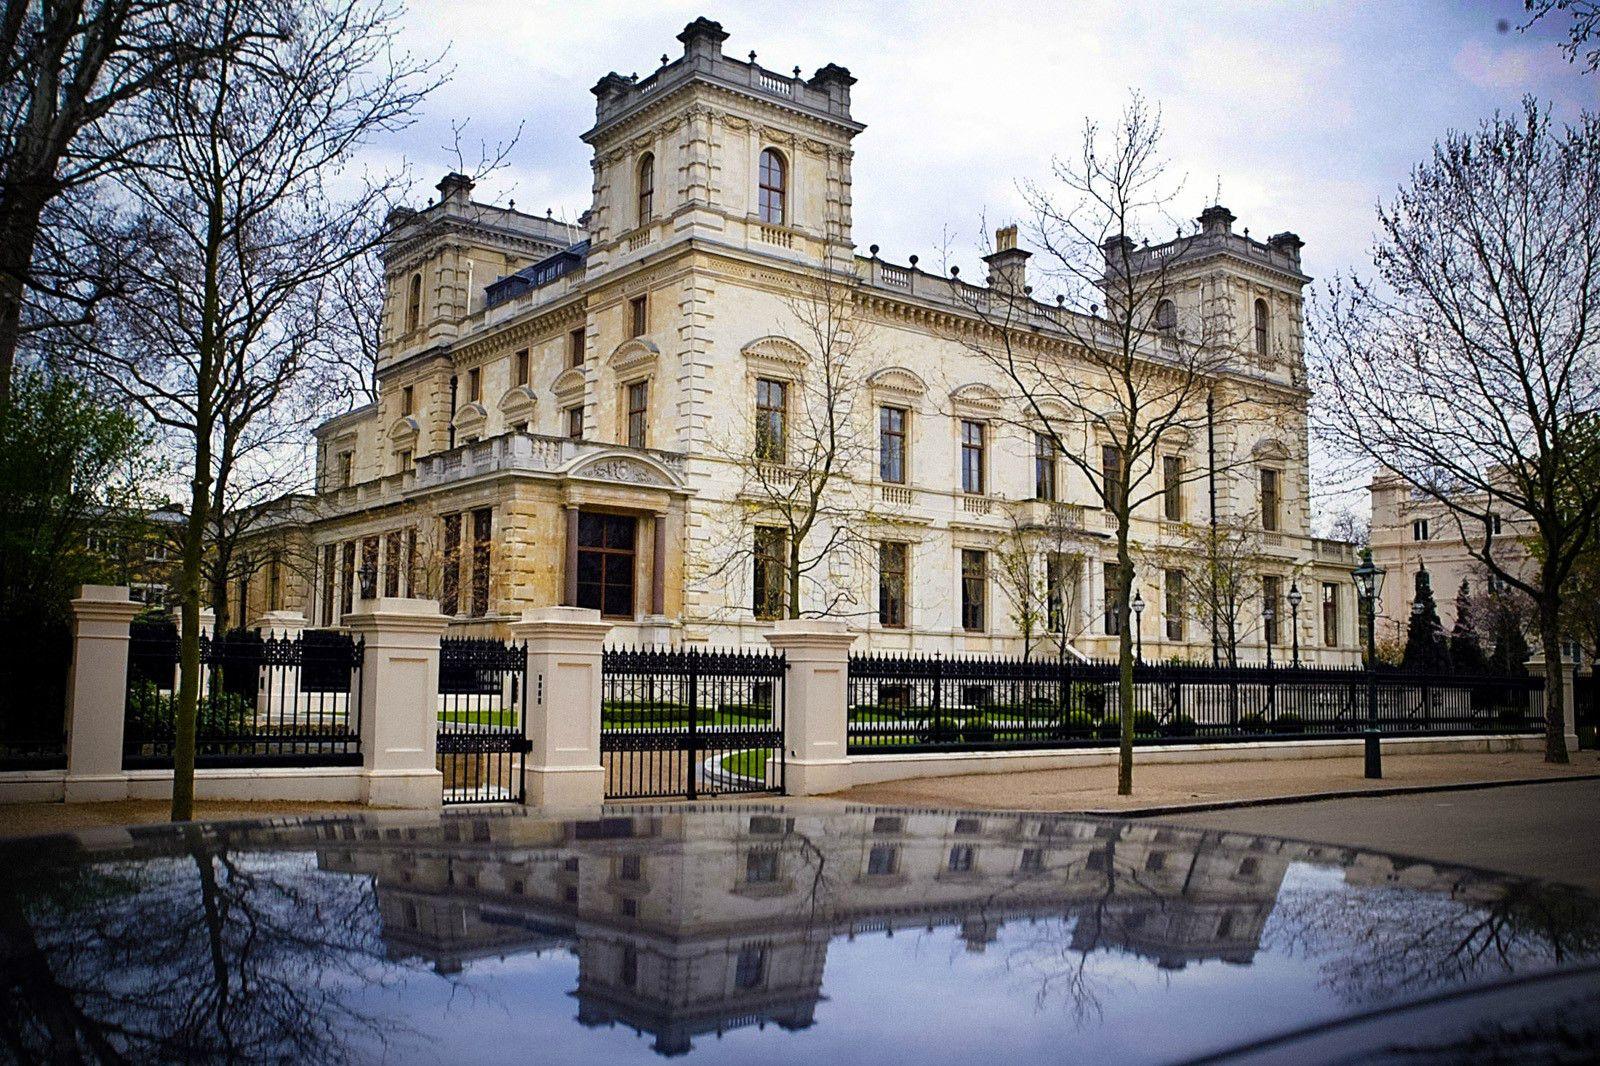 ee6dd54d76d9e5c12cb6a7c1c6322324 - Kensington Palace Gardens London Real Estate